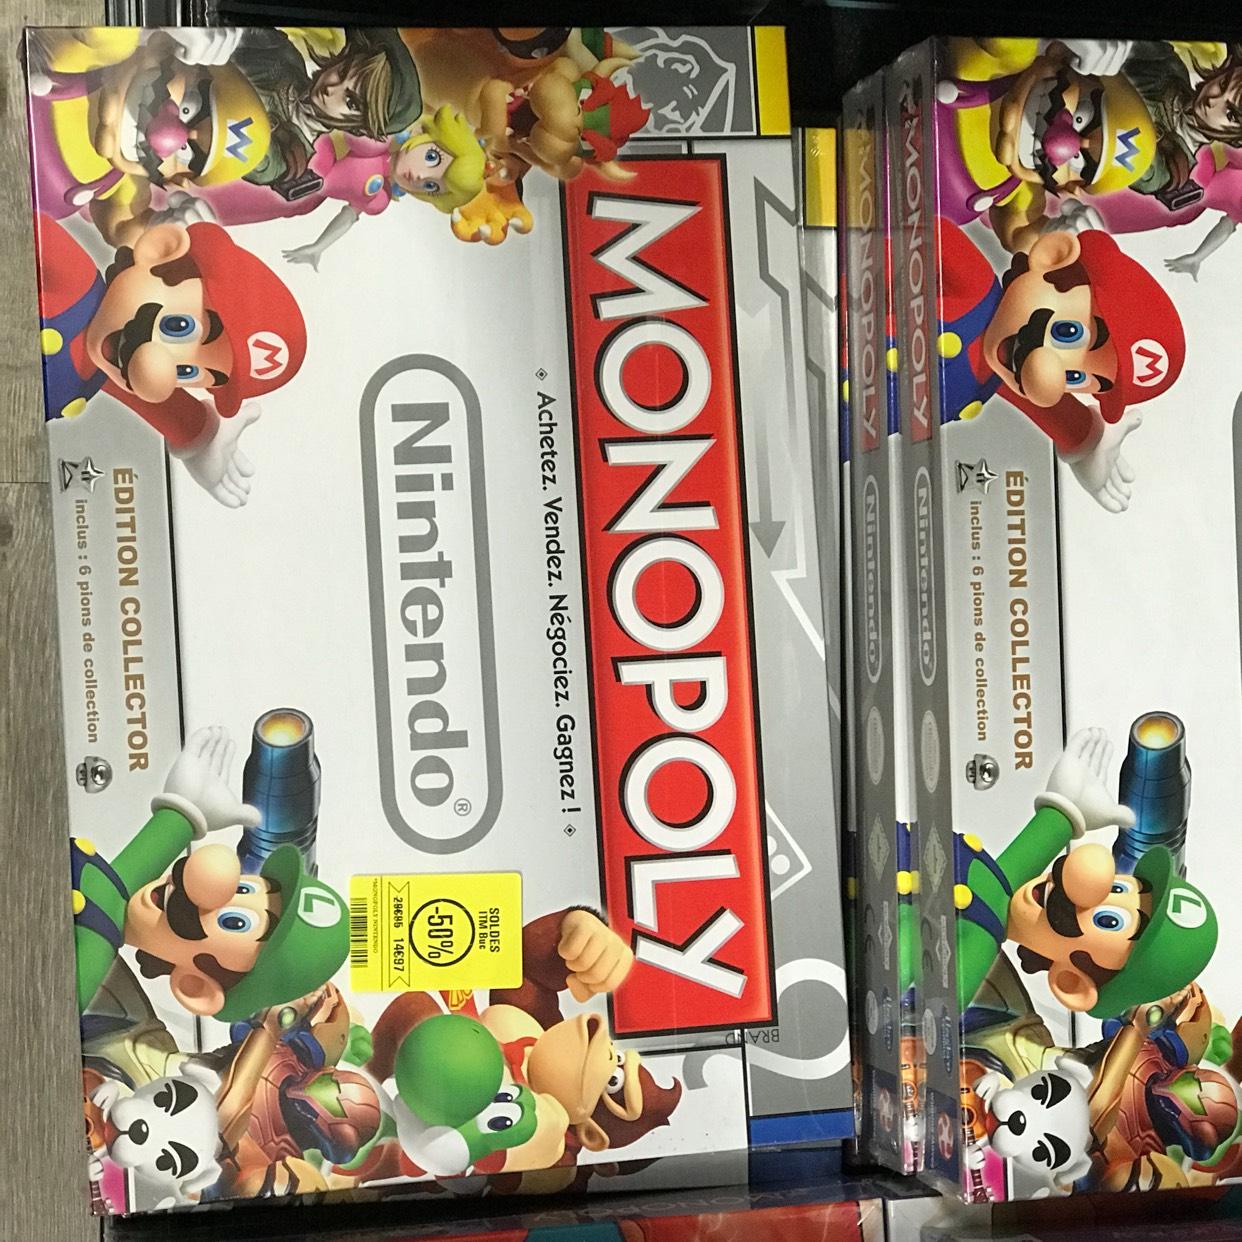 Jeu de société Monopoly Nintendo - Edition Collector (Buc - 78)